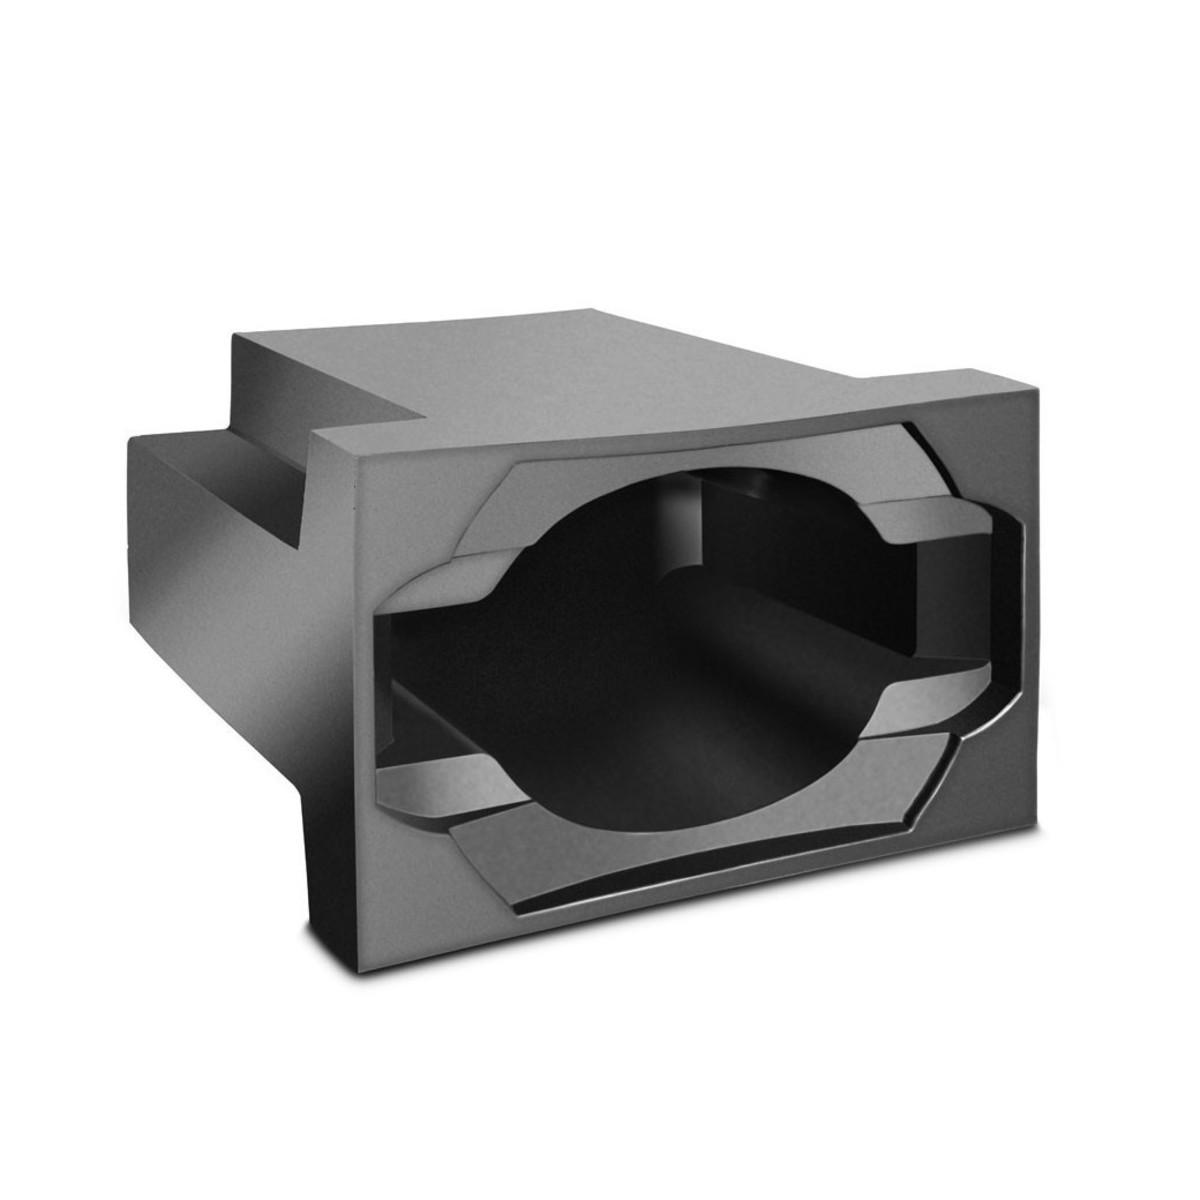 Cameo auro spot 400 foam case insert inside